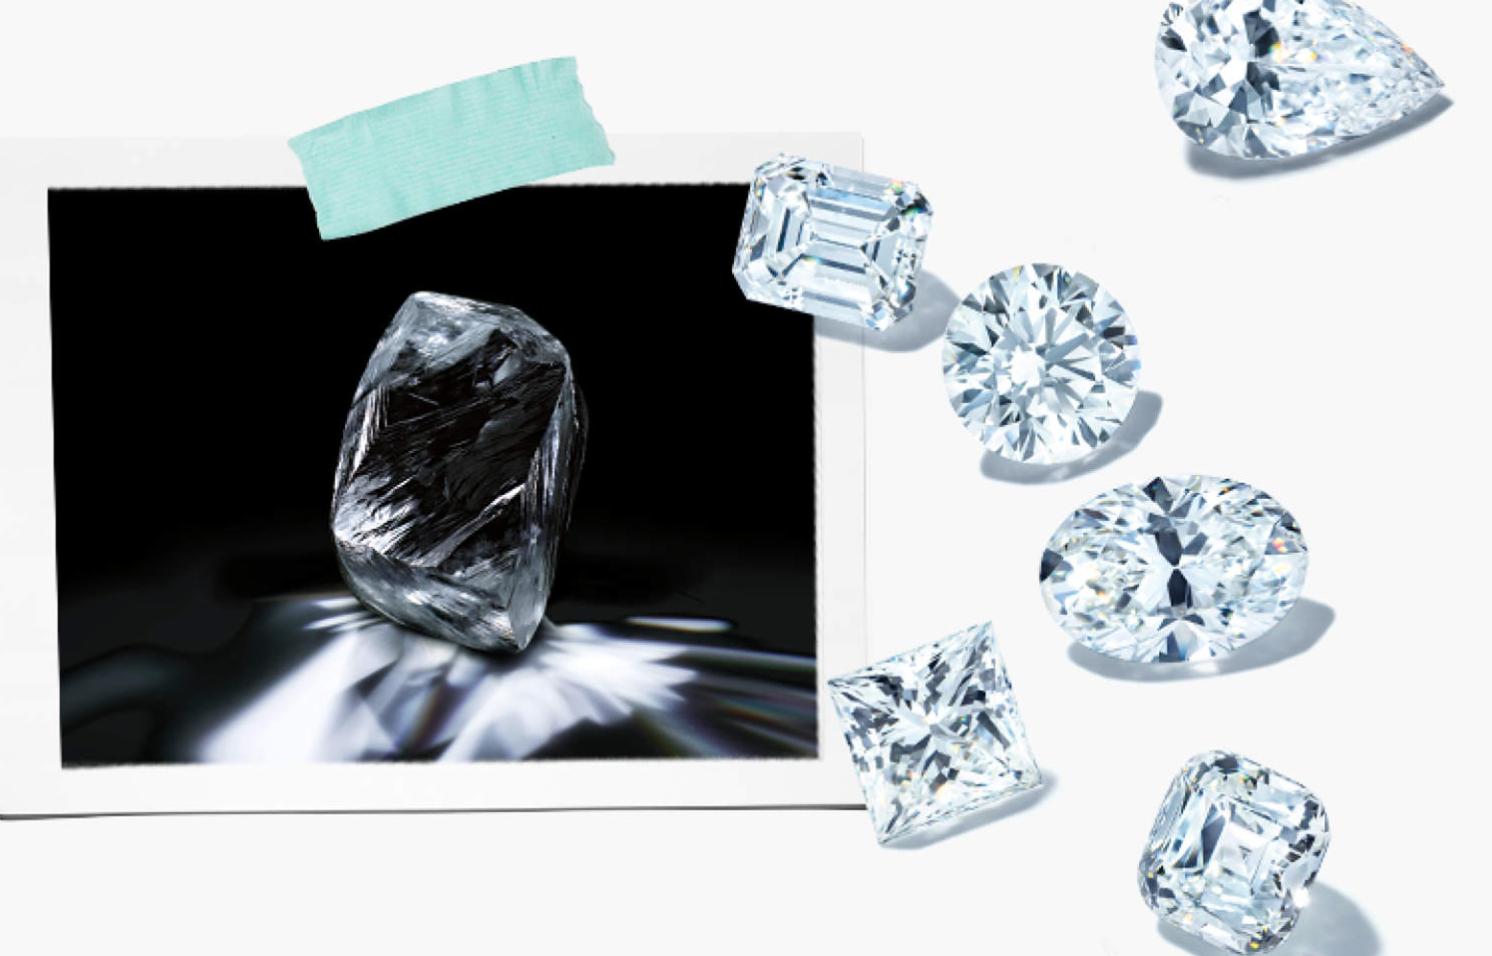 Το διάσημο αμερικανικό κοσμηματοπωλείο Tiffany ανακοίνωσε σήμερα ότι θα  αποκαλύπτει στο εξής την προέλευση των διαμαντιών του στους πελάτες του a35501d527b